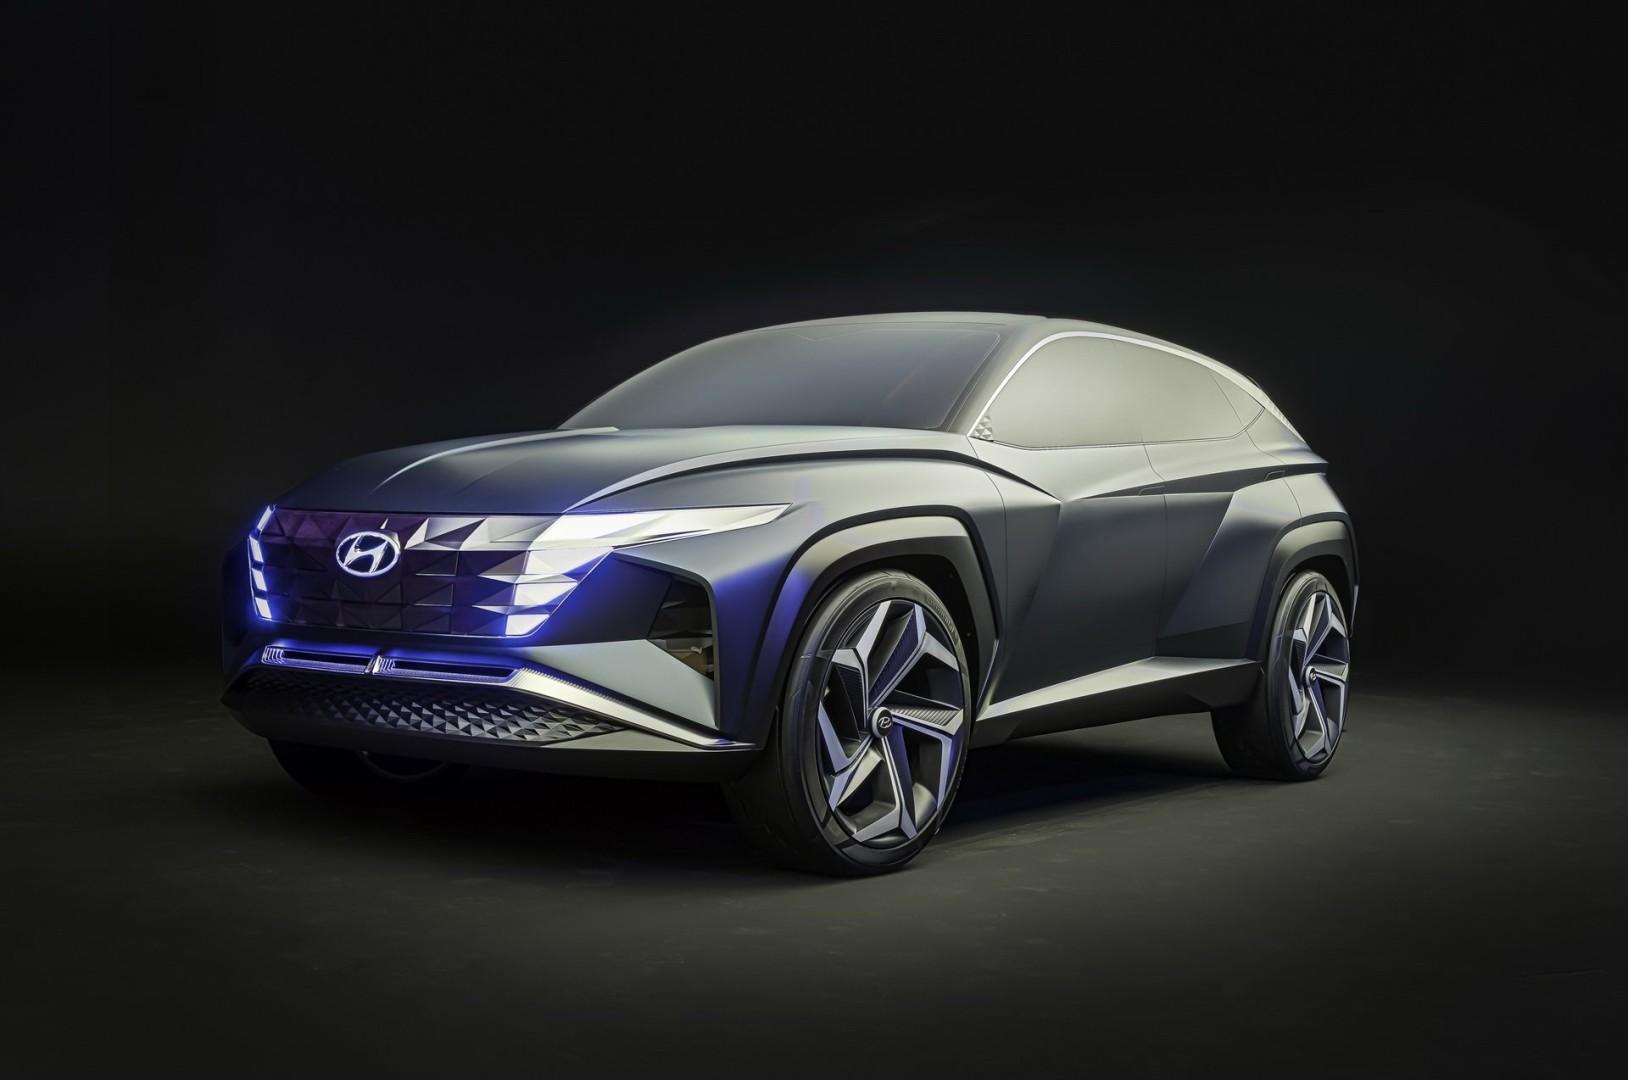 Hyundai Vision T Concept, anticipando el futuro lenguaje de diseño de la marca